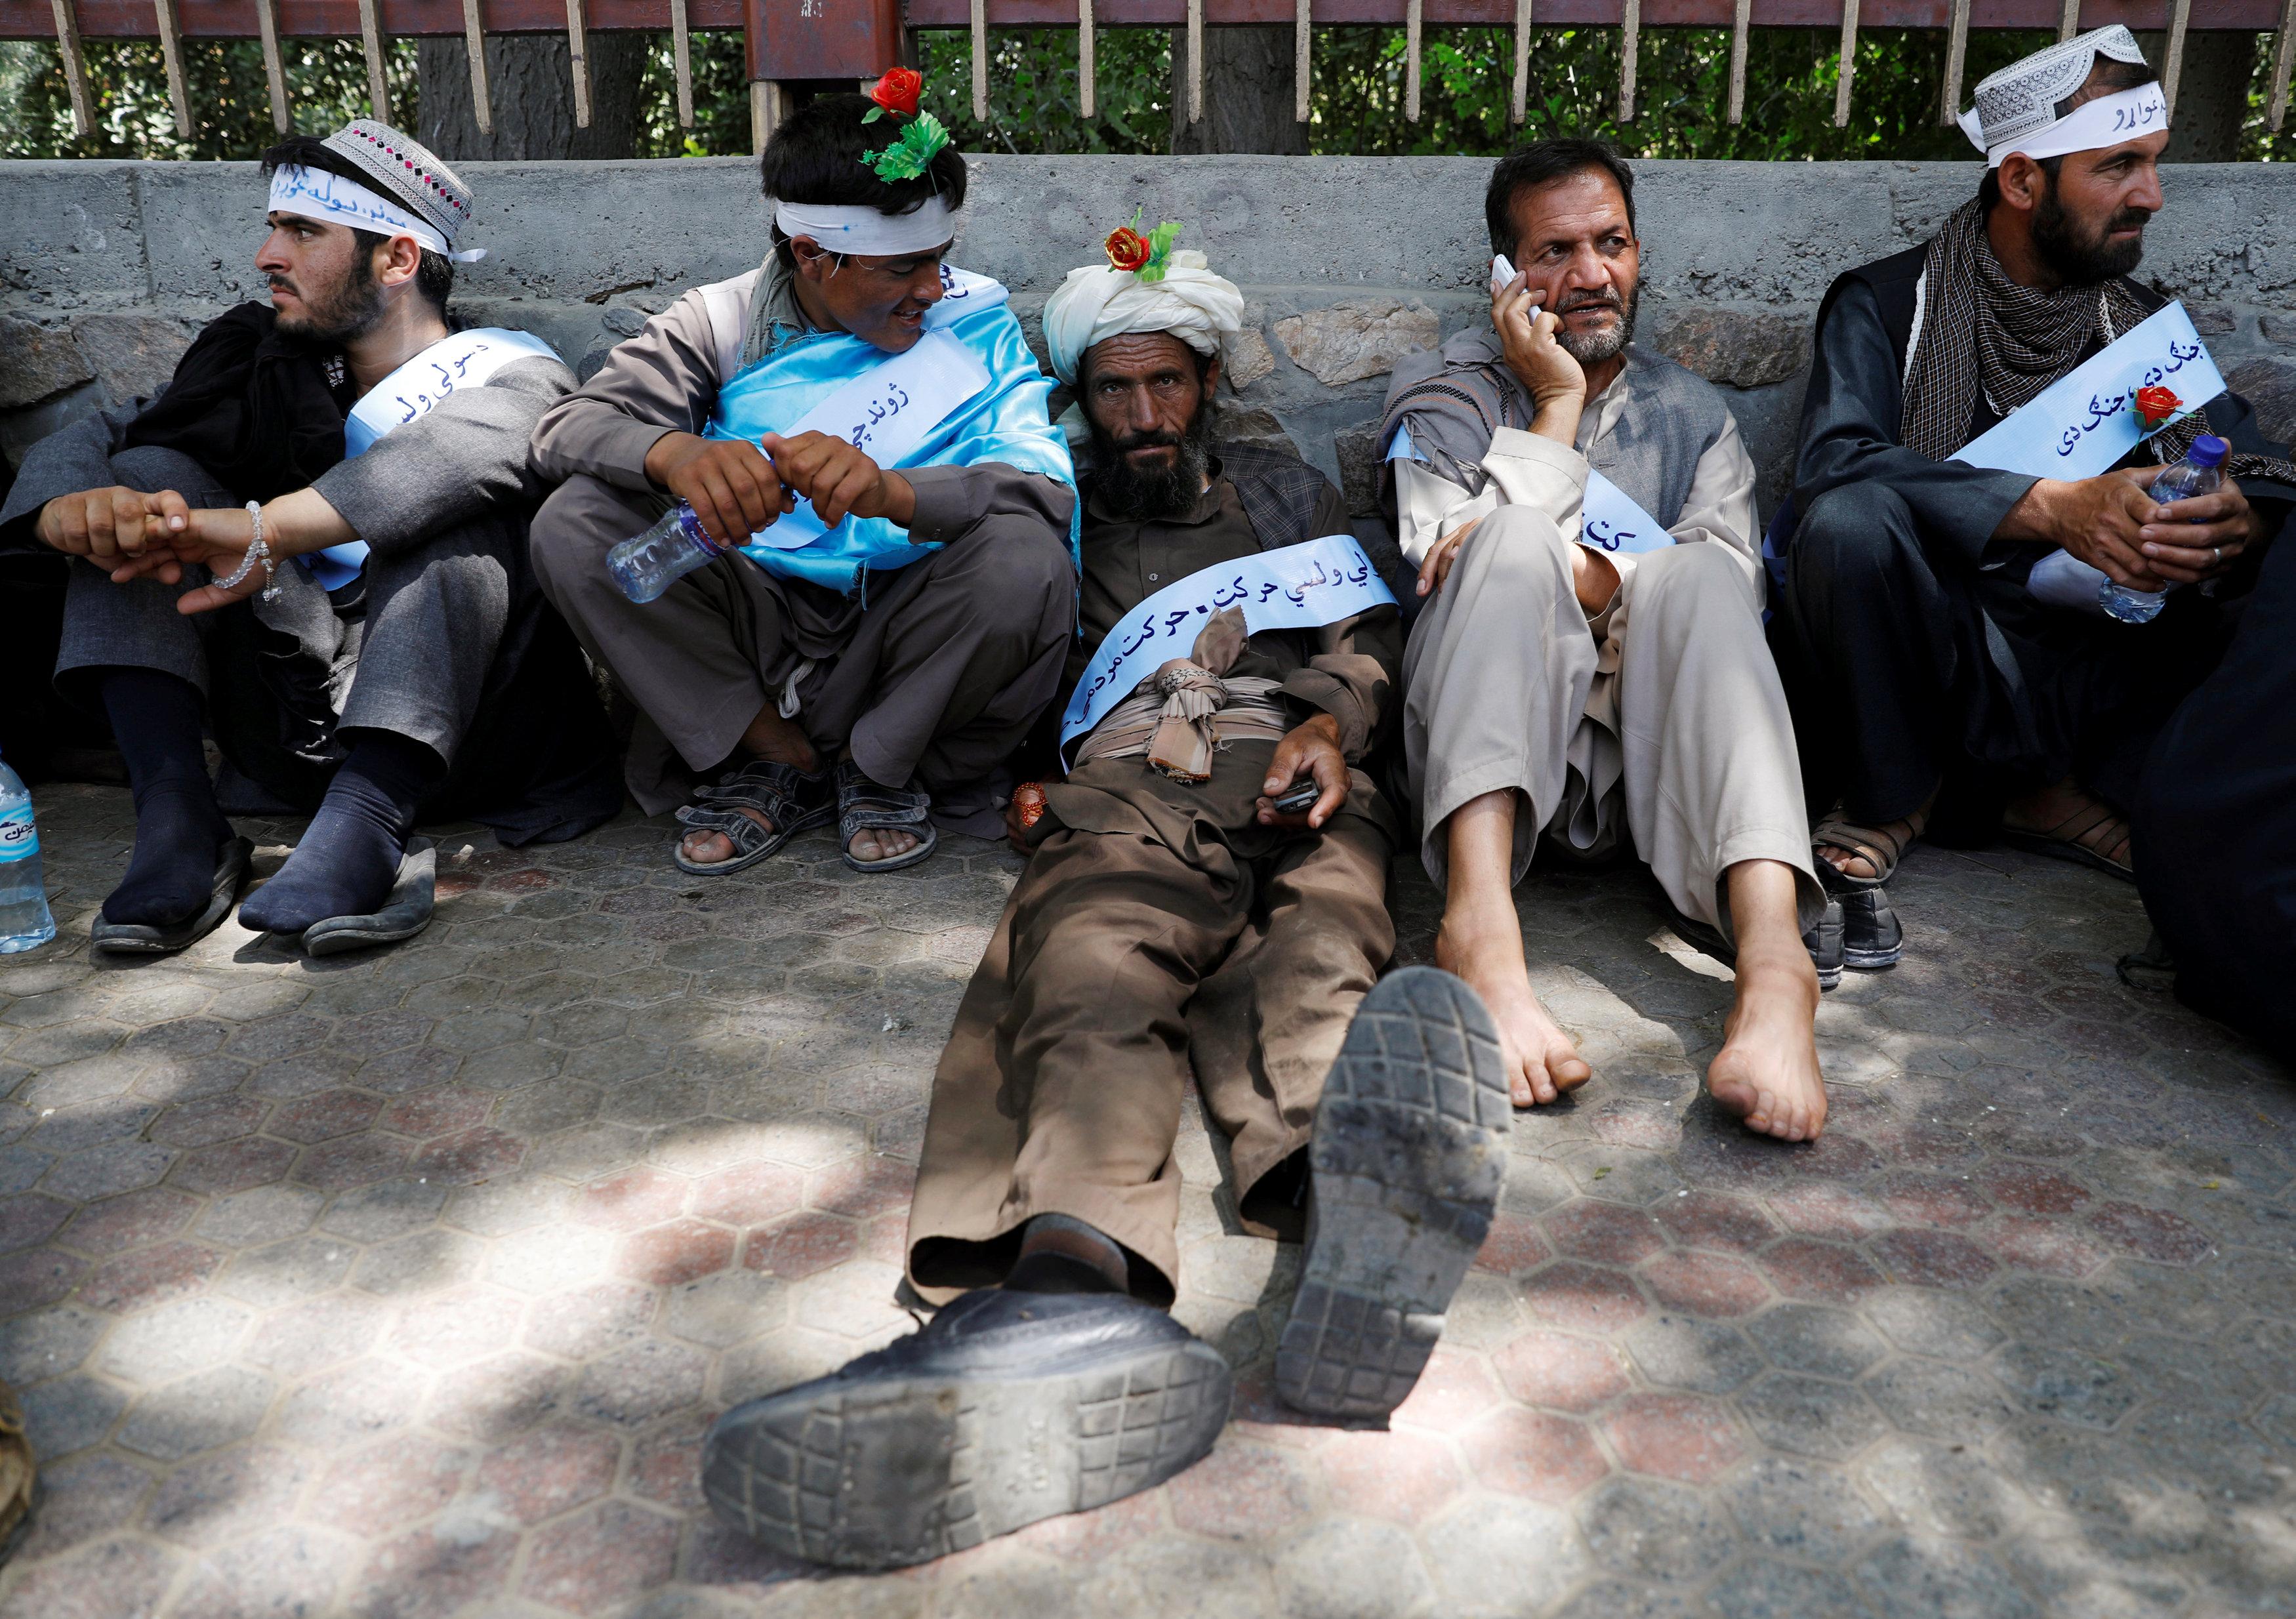 """المسيرة جاءت فى مقاطعة """"هلمند"""" التى تقع أجزاء كبيرة منها تحت سيطرة طالبان"""